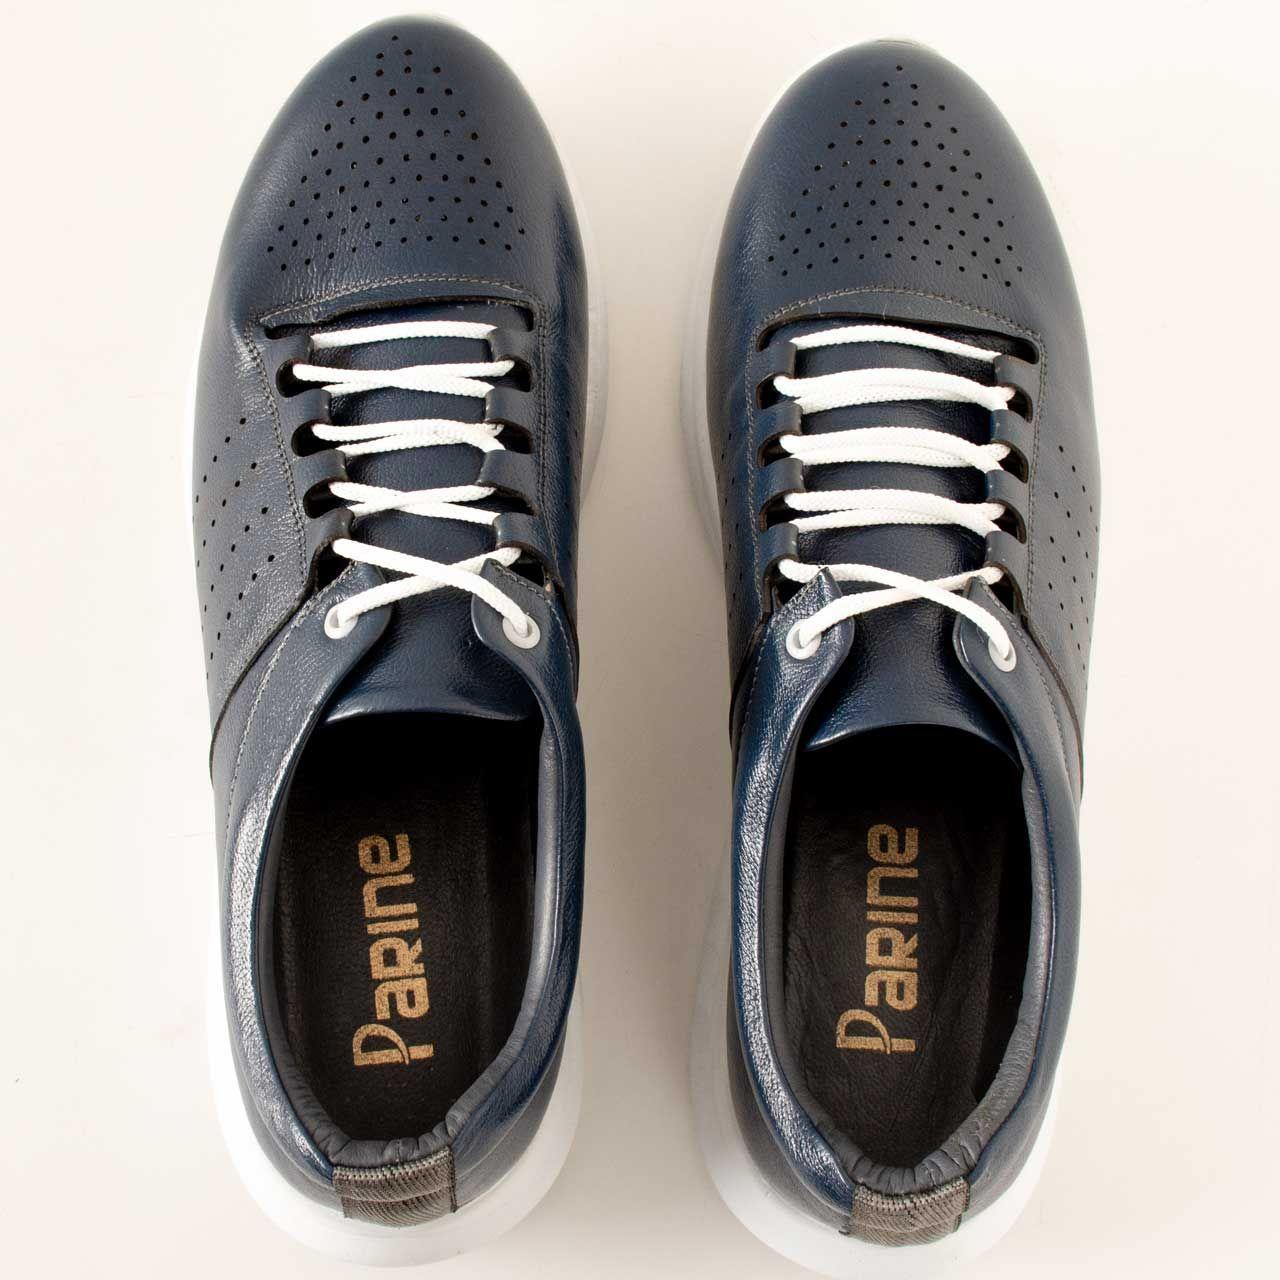 کفش روزمره مردانه پارینه چرم مدل SHO176-11 -  - 5